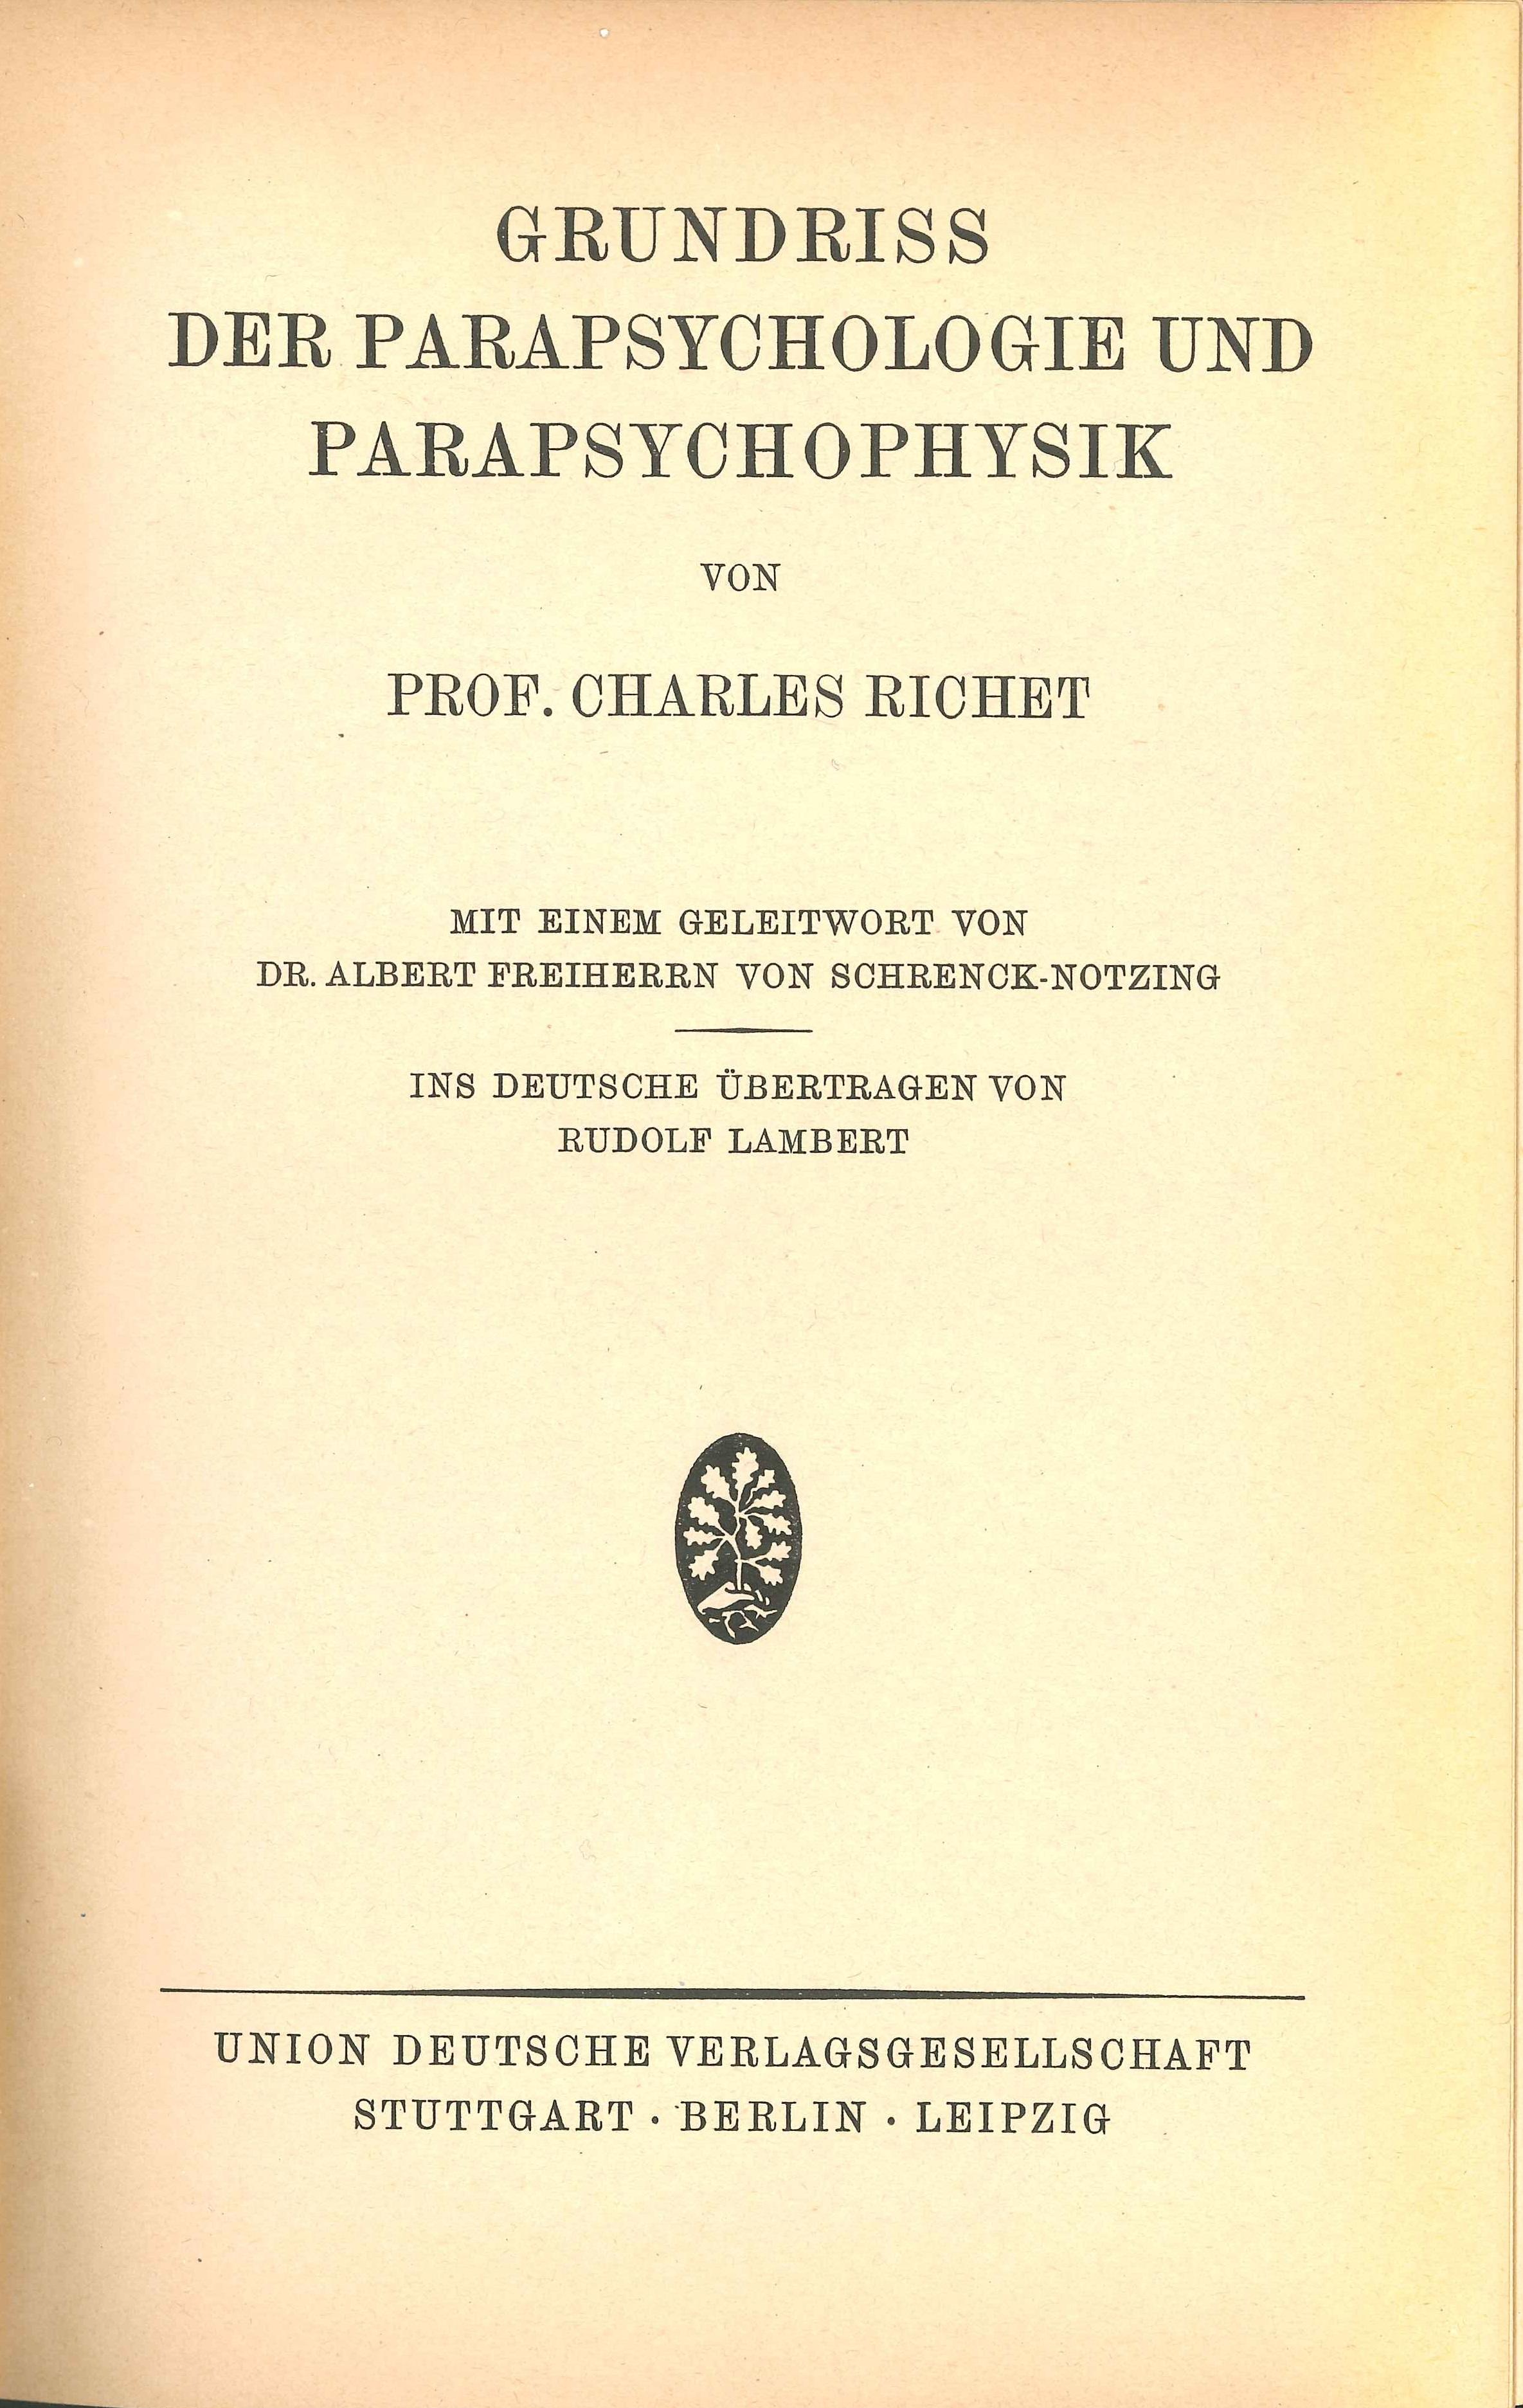 Grundriss der Parapsychologie und Parapsychophysik, Autor: Prof. Charles Richet, Union Deutsche Verlagsgesellschaft Stuttgart/Berlin/Leipzig 1923